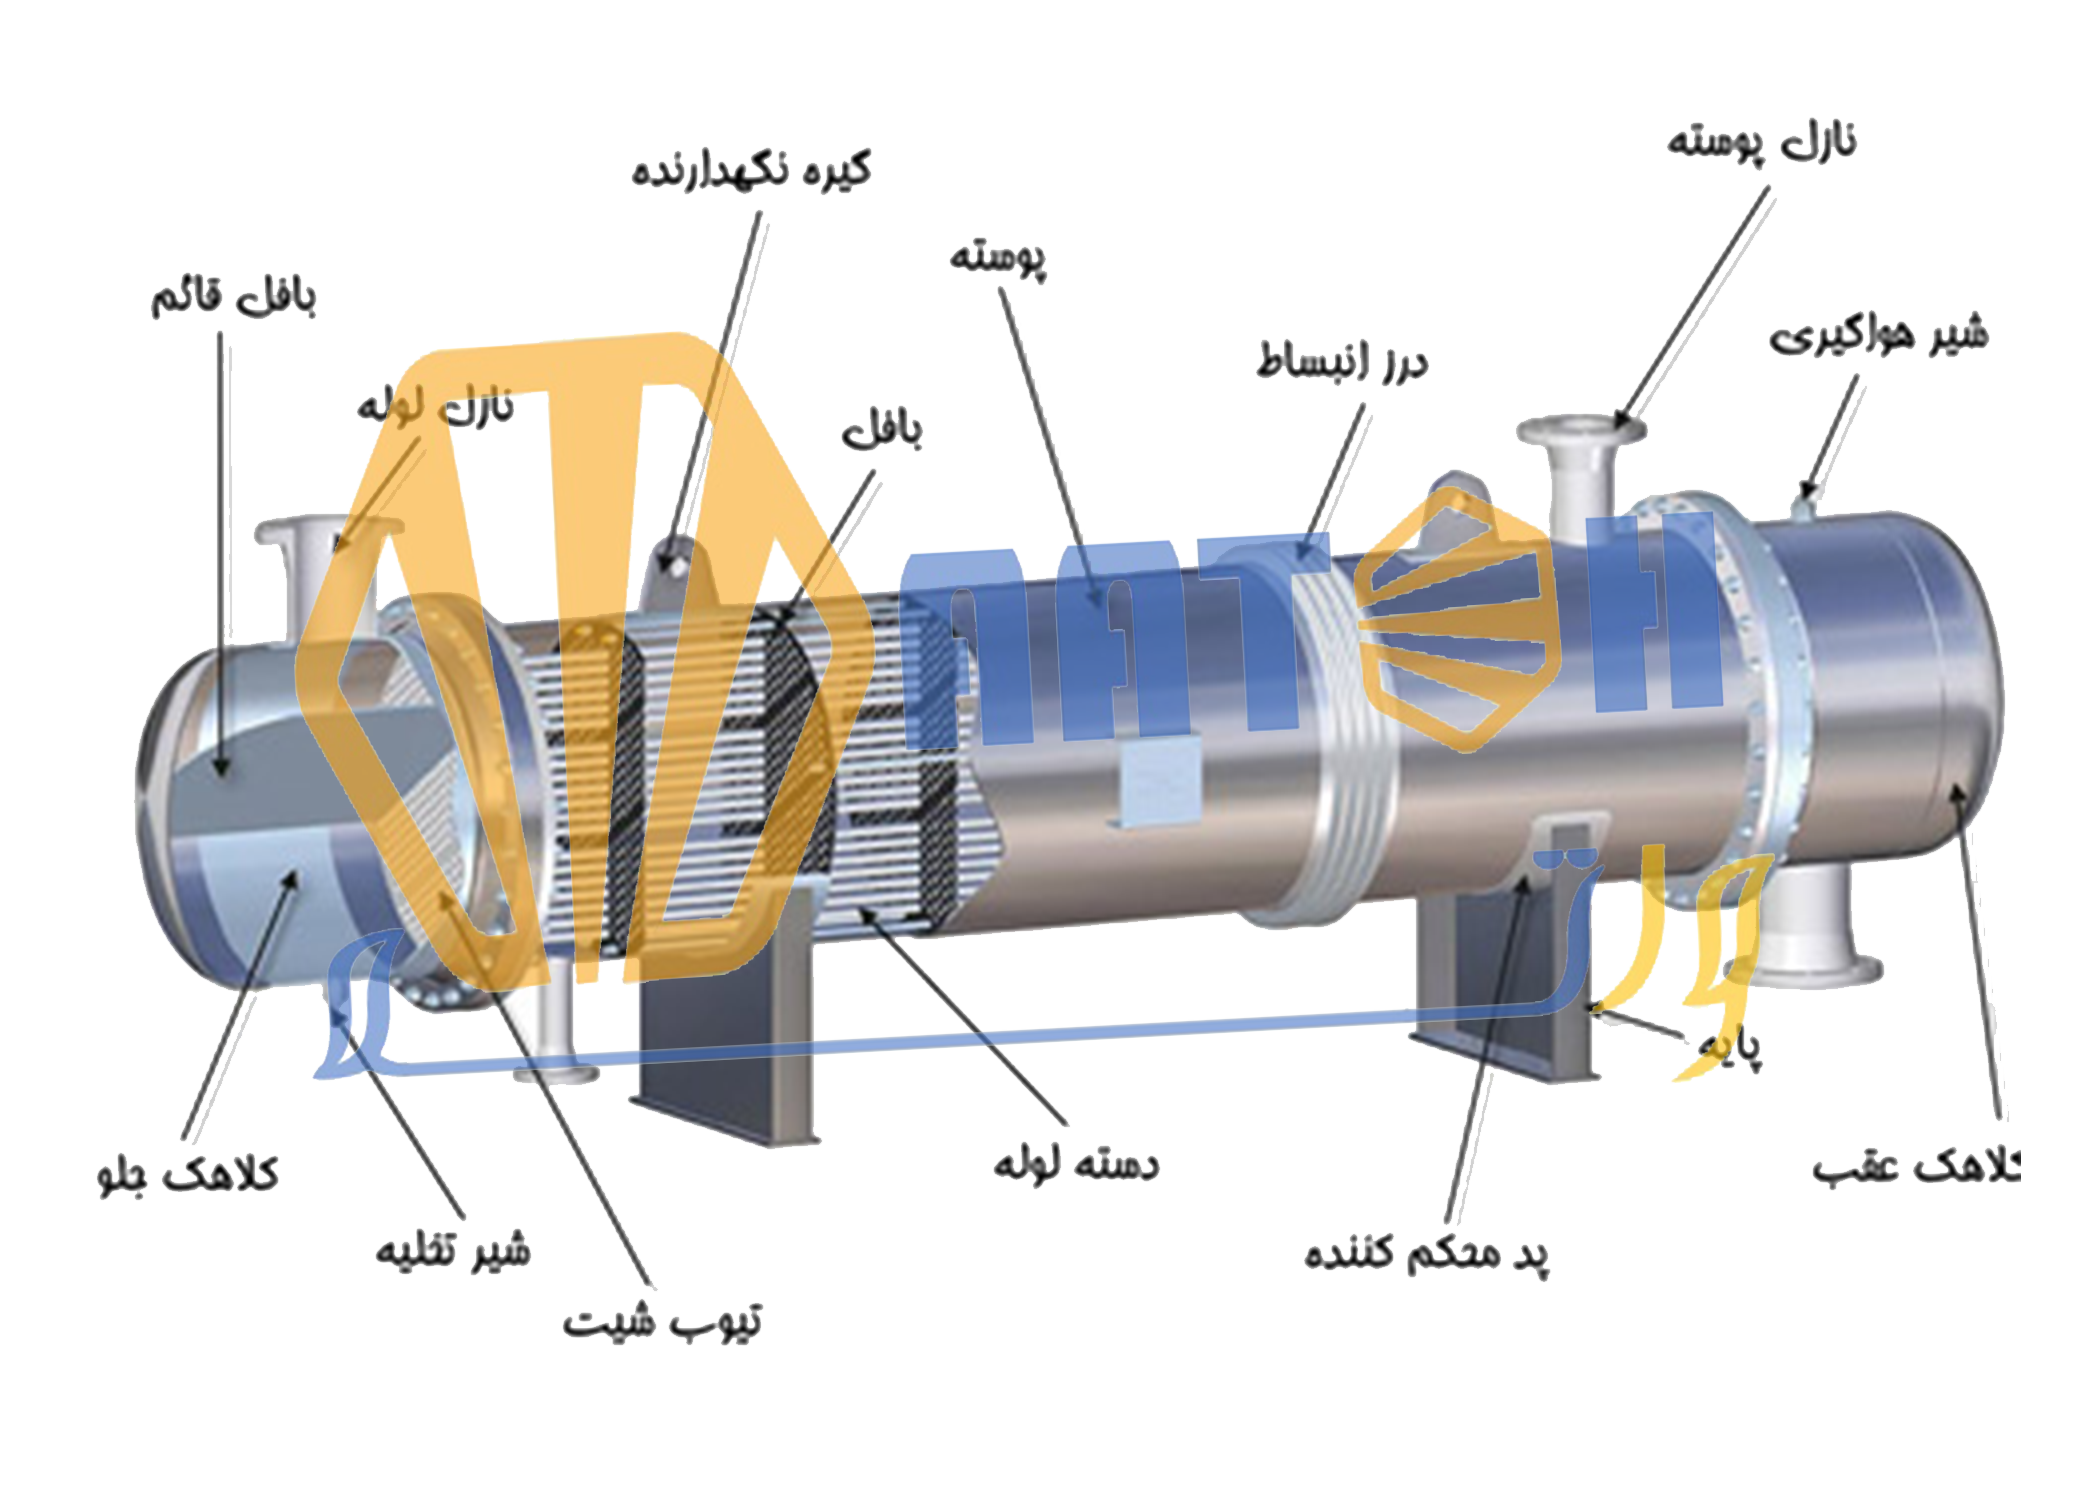 طراحی و ساخت انواع مبدل های حرارتی